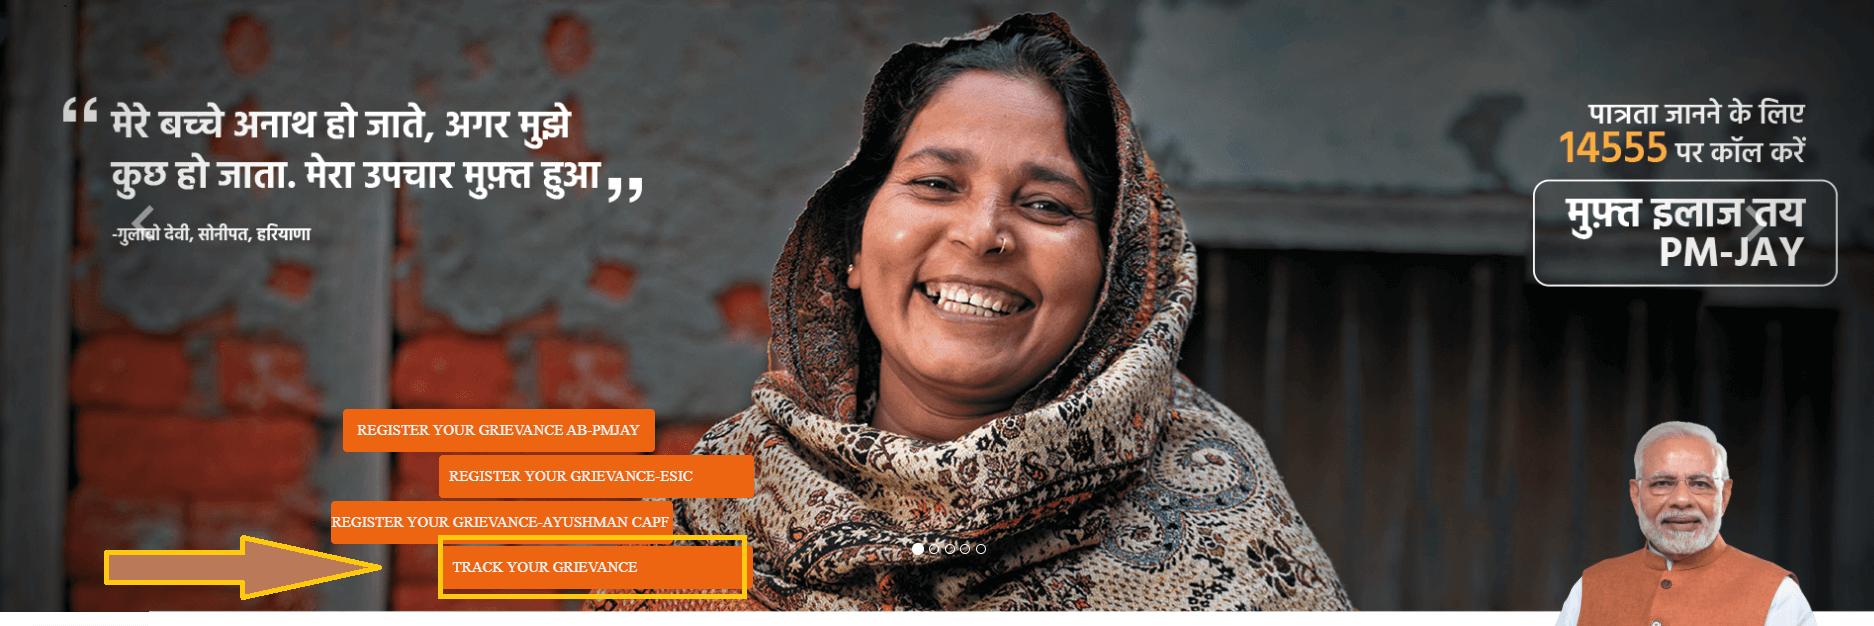 आयुष्मान भारत शिकायत की स्थिति